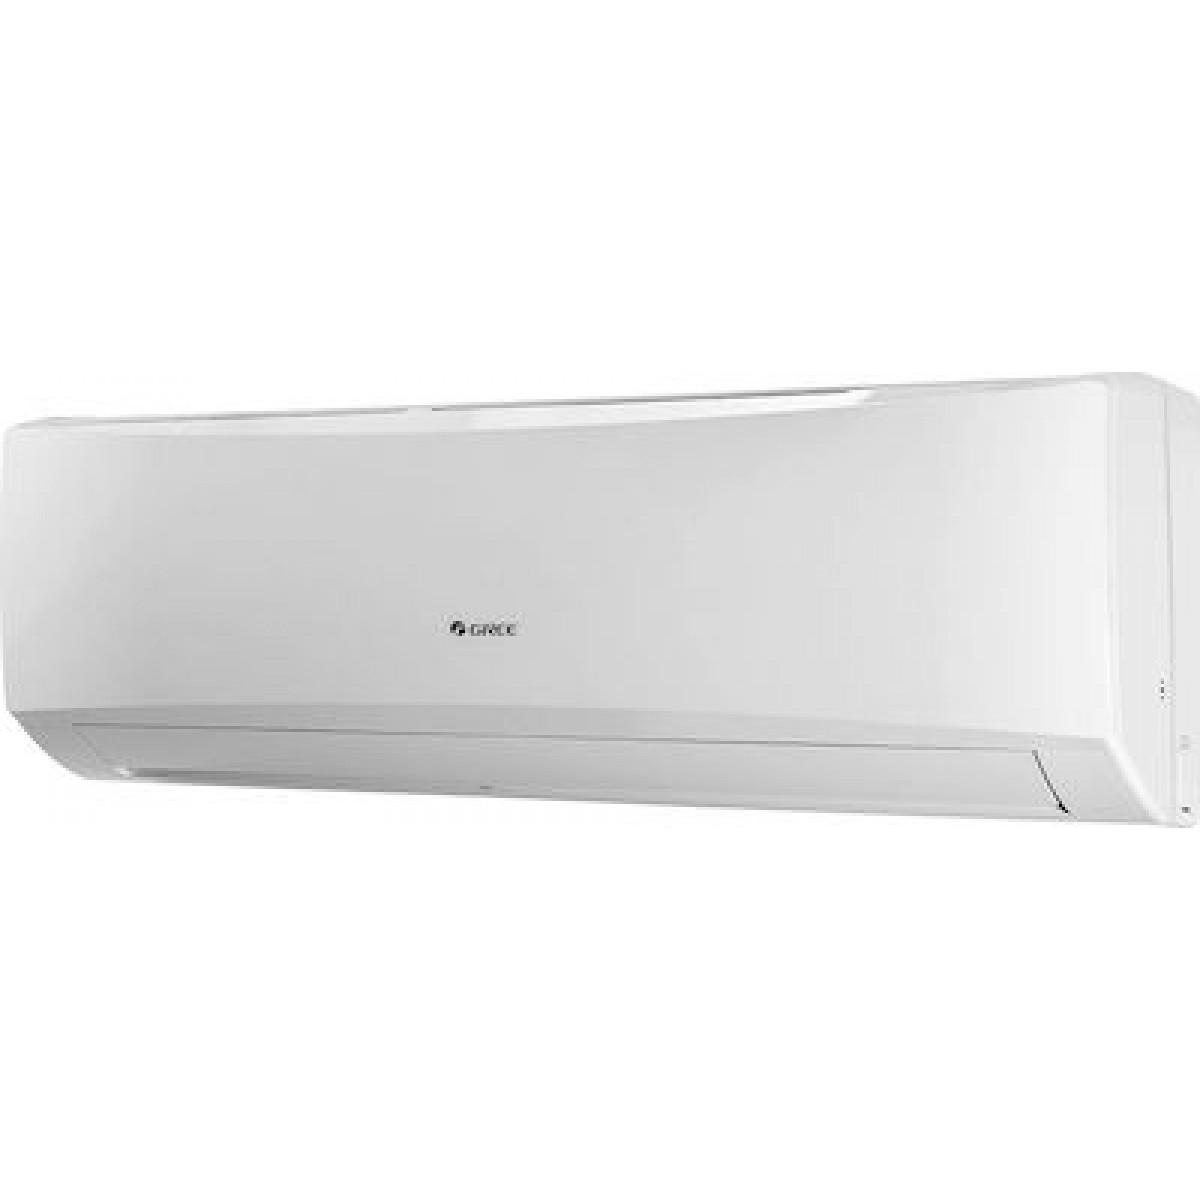 Κλιματιστικό Gree Lomo GRS 121 EI/JLM1-N3 Wi-Fi Ιονιστή 12000Btu A++/A+ Κλιματιστικά Inverter